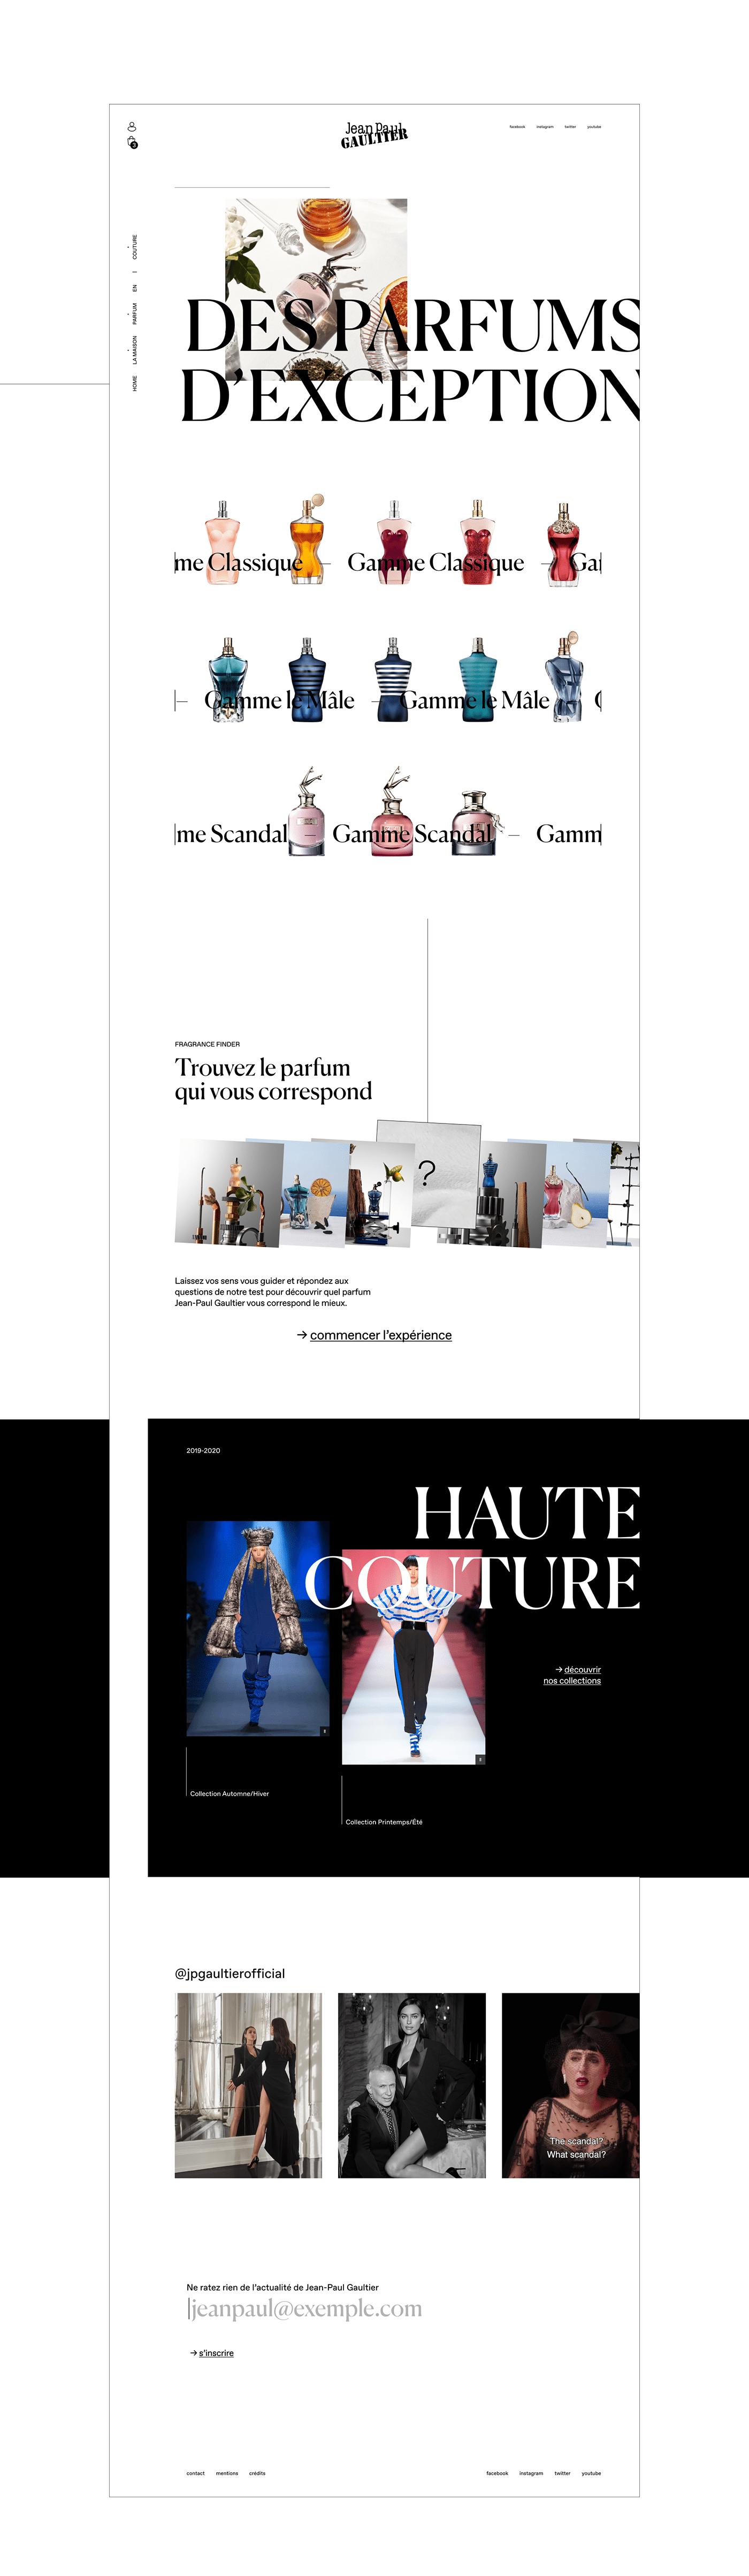 couture Gaultier jacket Mode perfum showroom